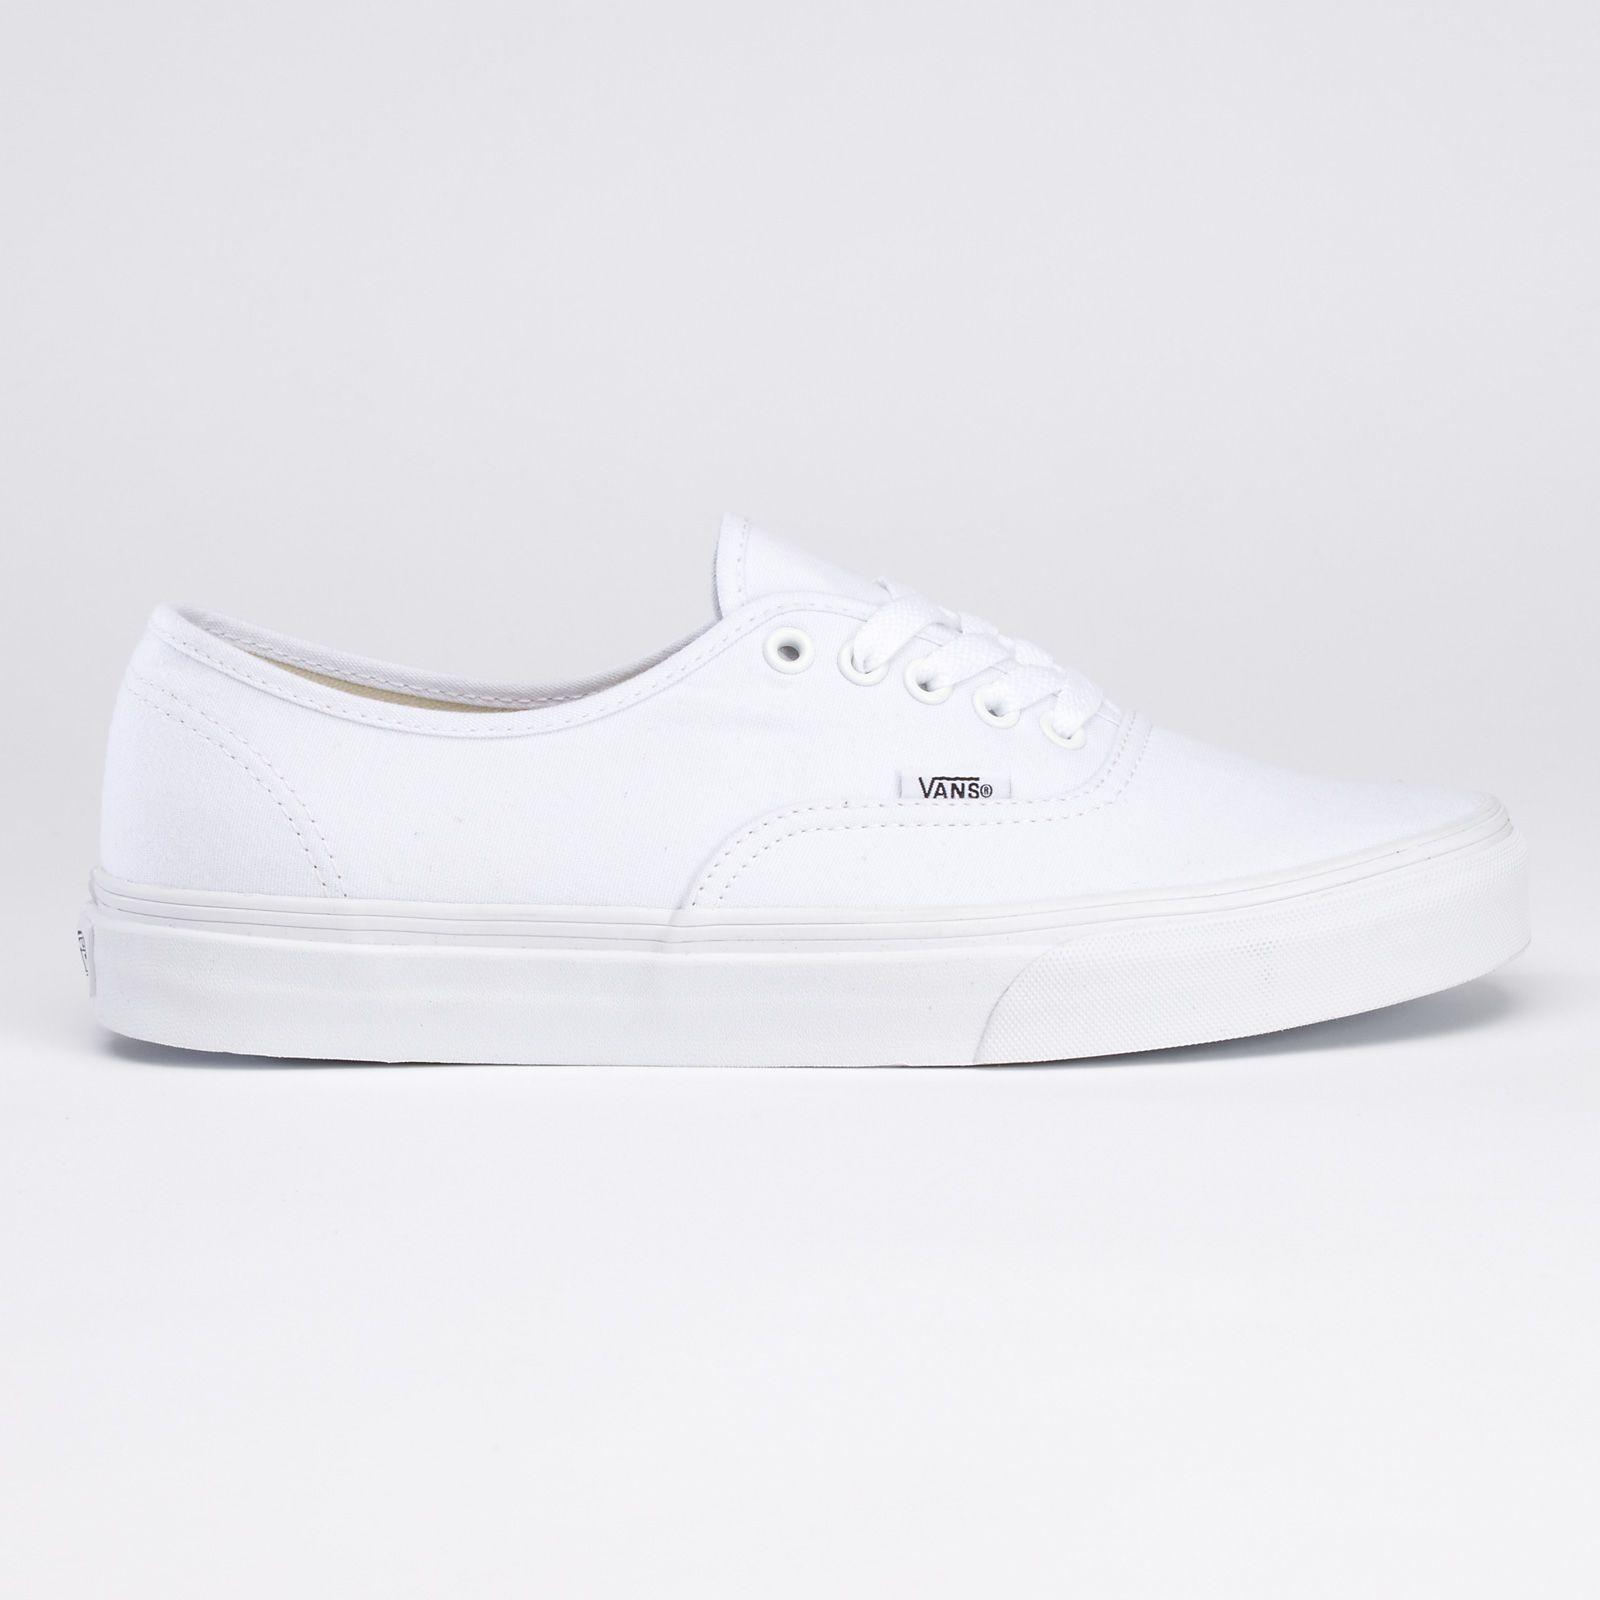 plain white vans shoes